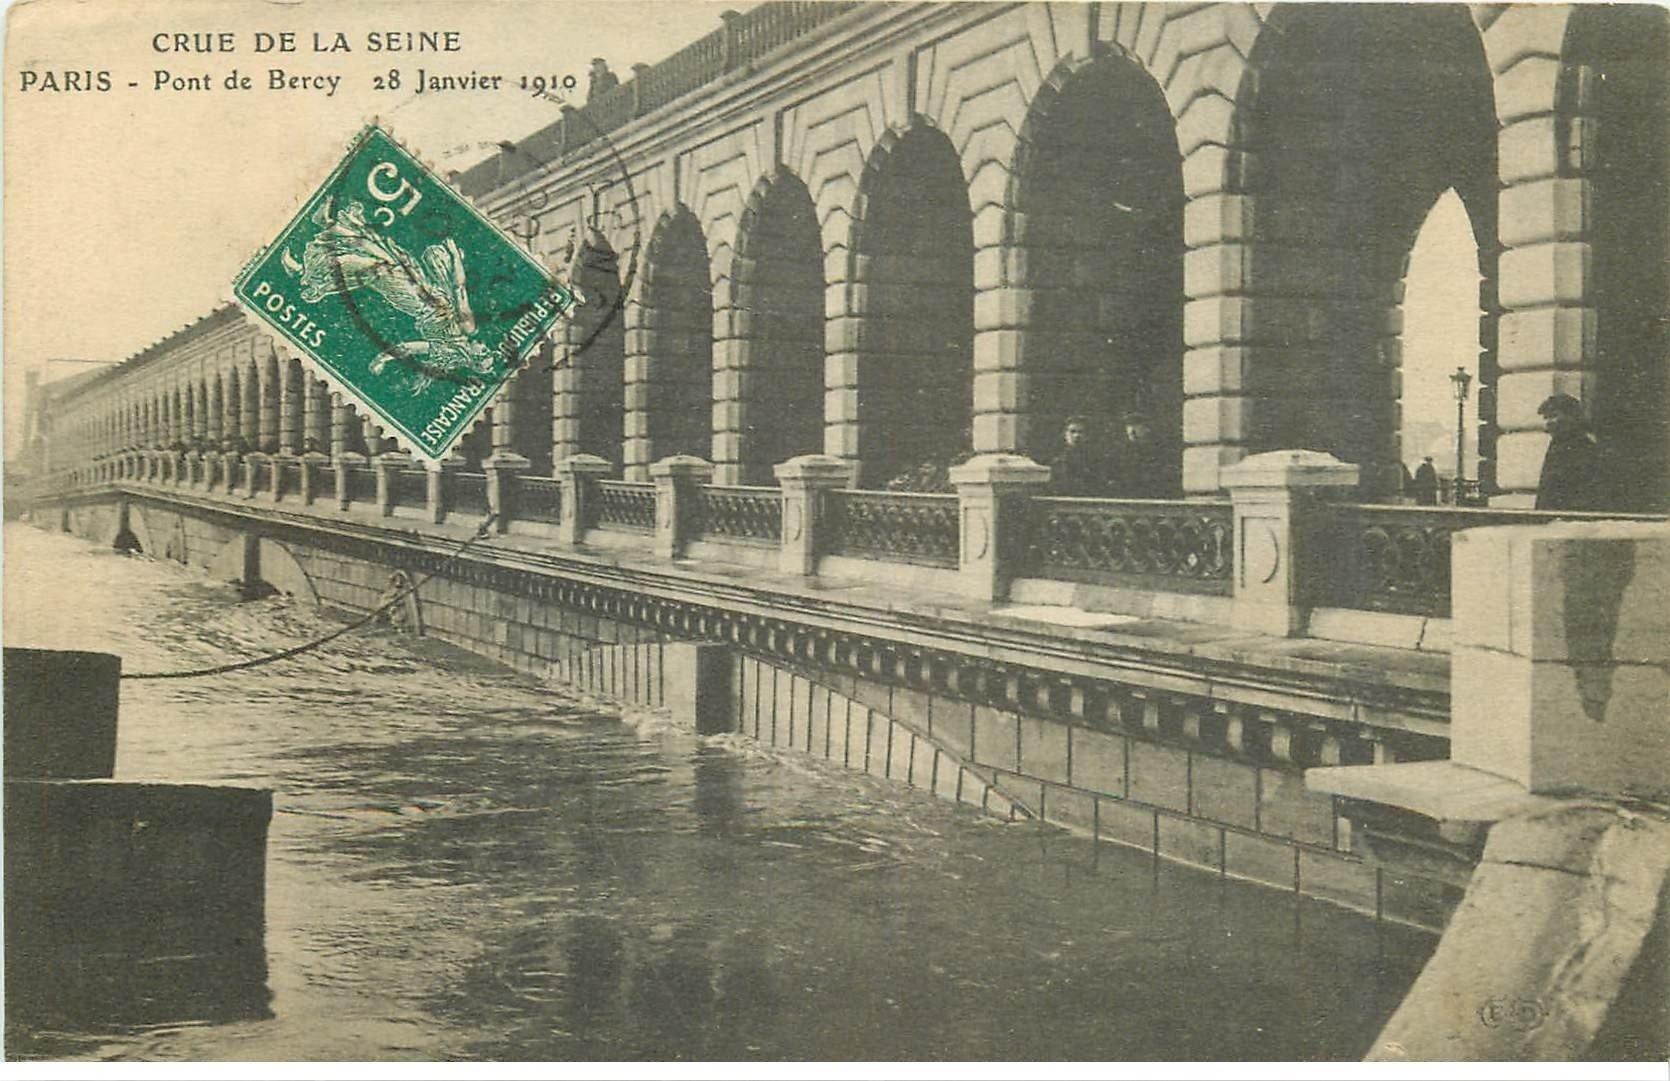 carte postale ancienne INONDATION ET CRUE PARIS 1910. Pont de Bercy